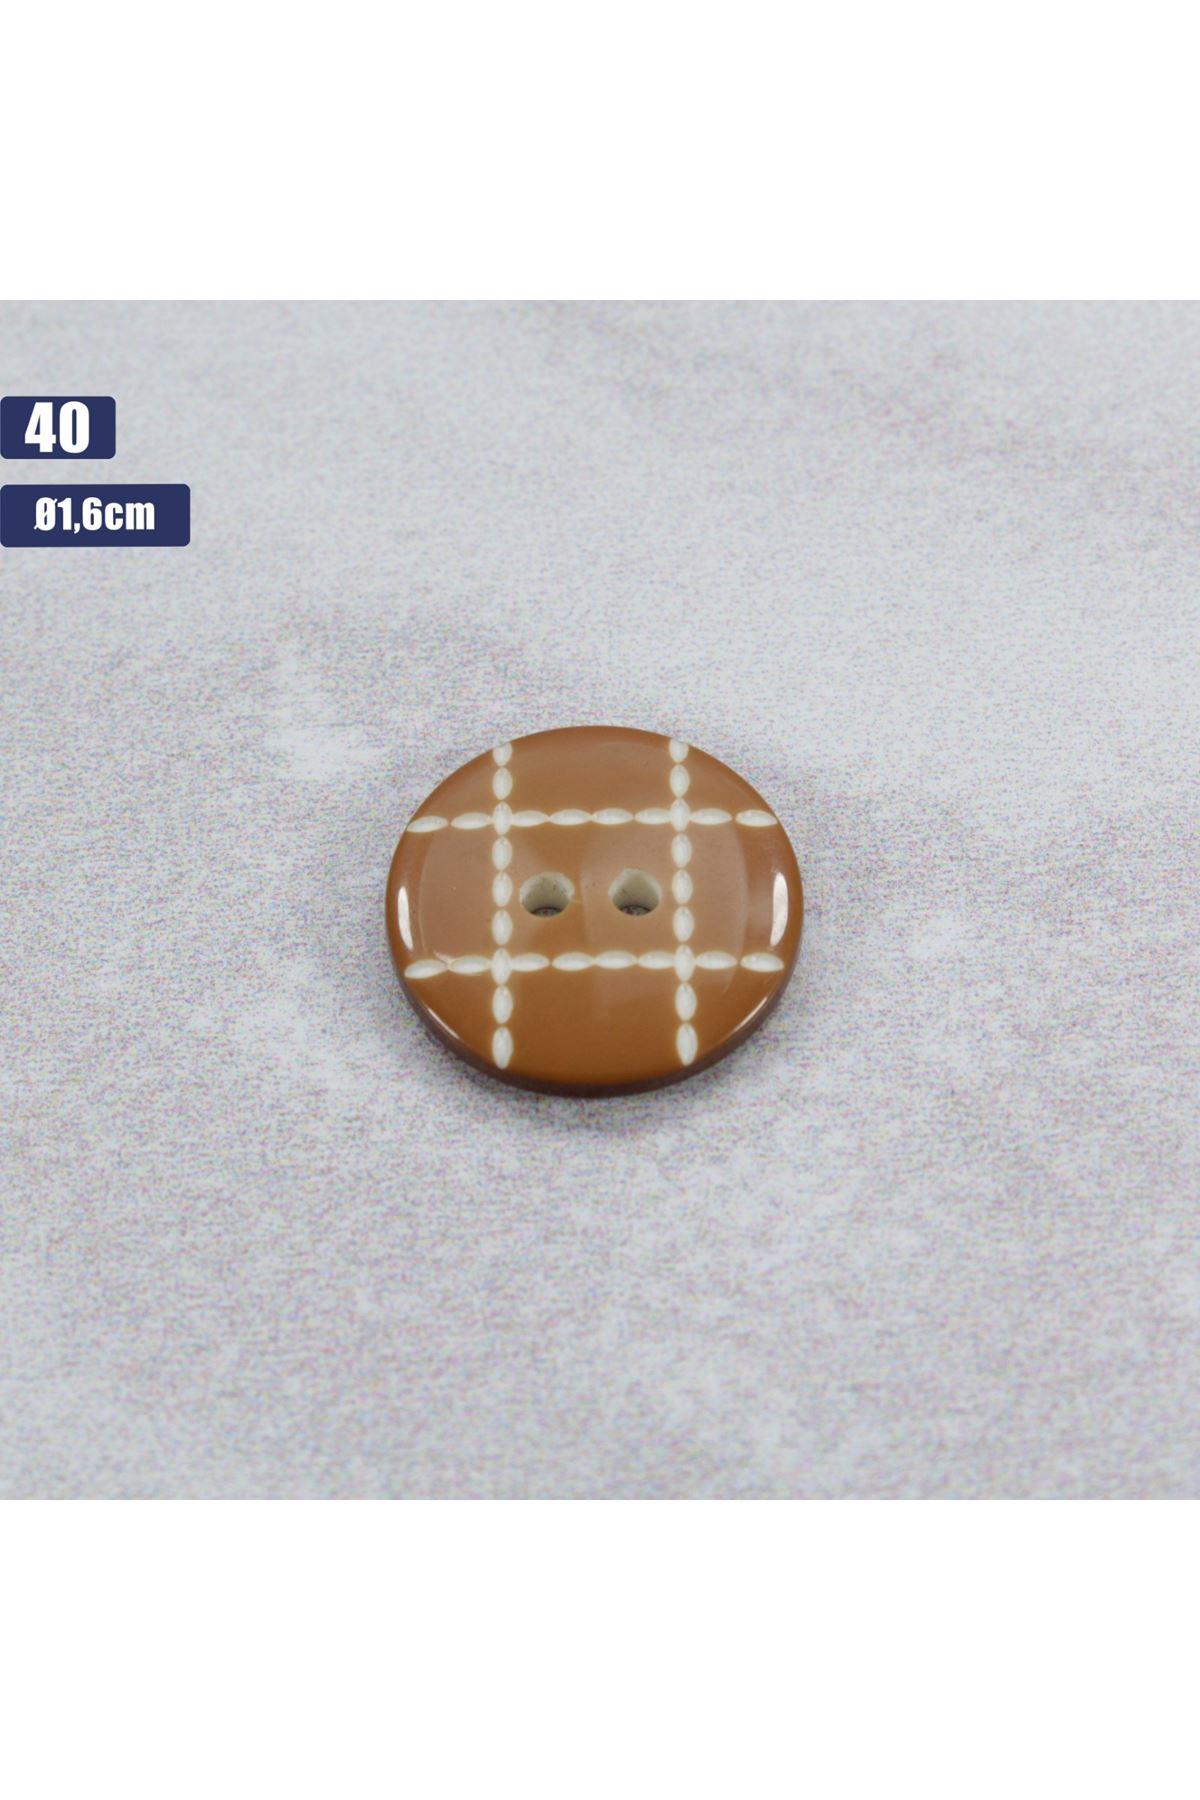 Düğme 1 Adet - 40